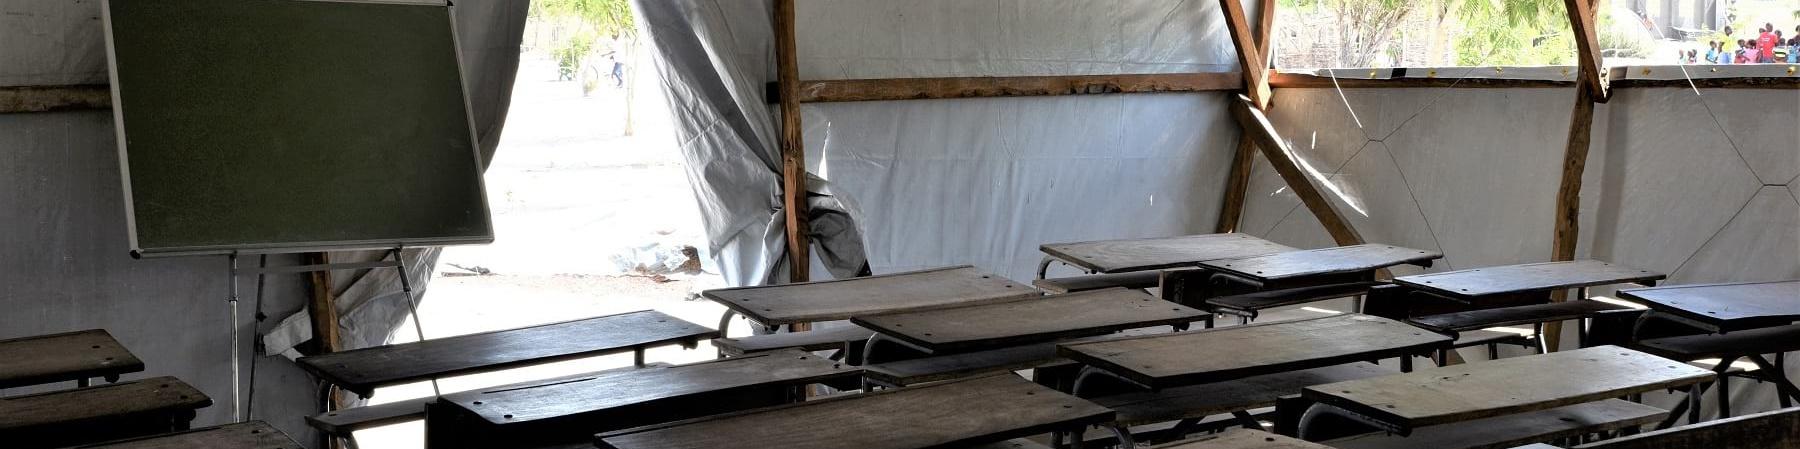 Aula con banchi di scuola e lavagna allestita in un tendone